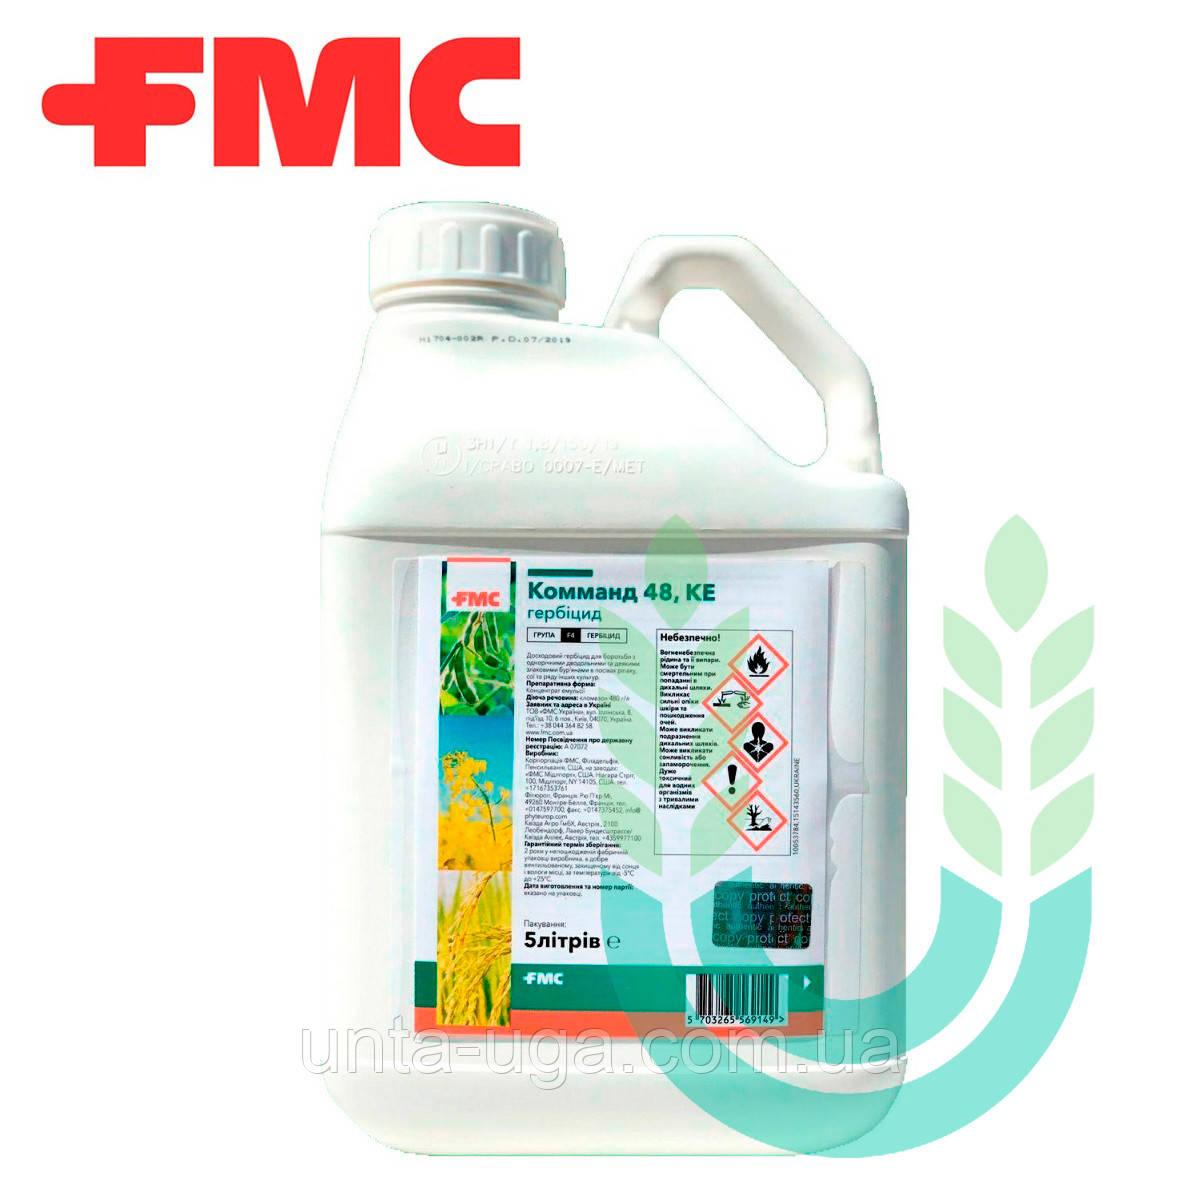 Комманд досходовий гербіцид FMC